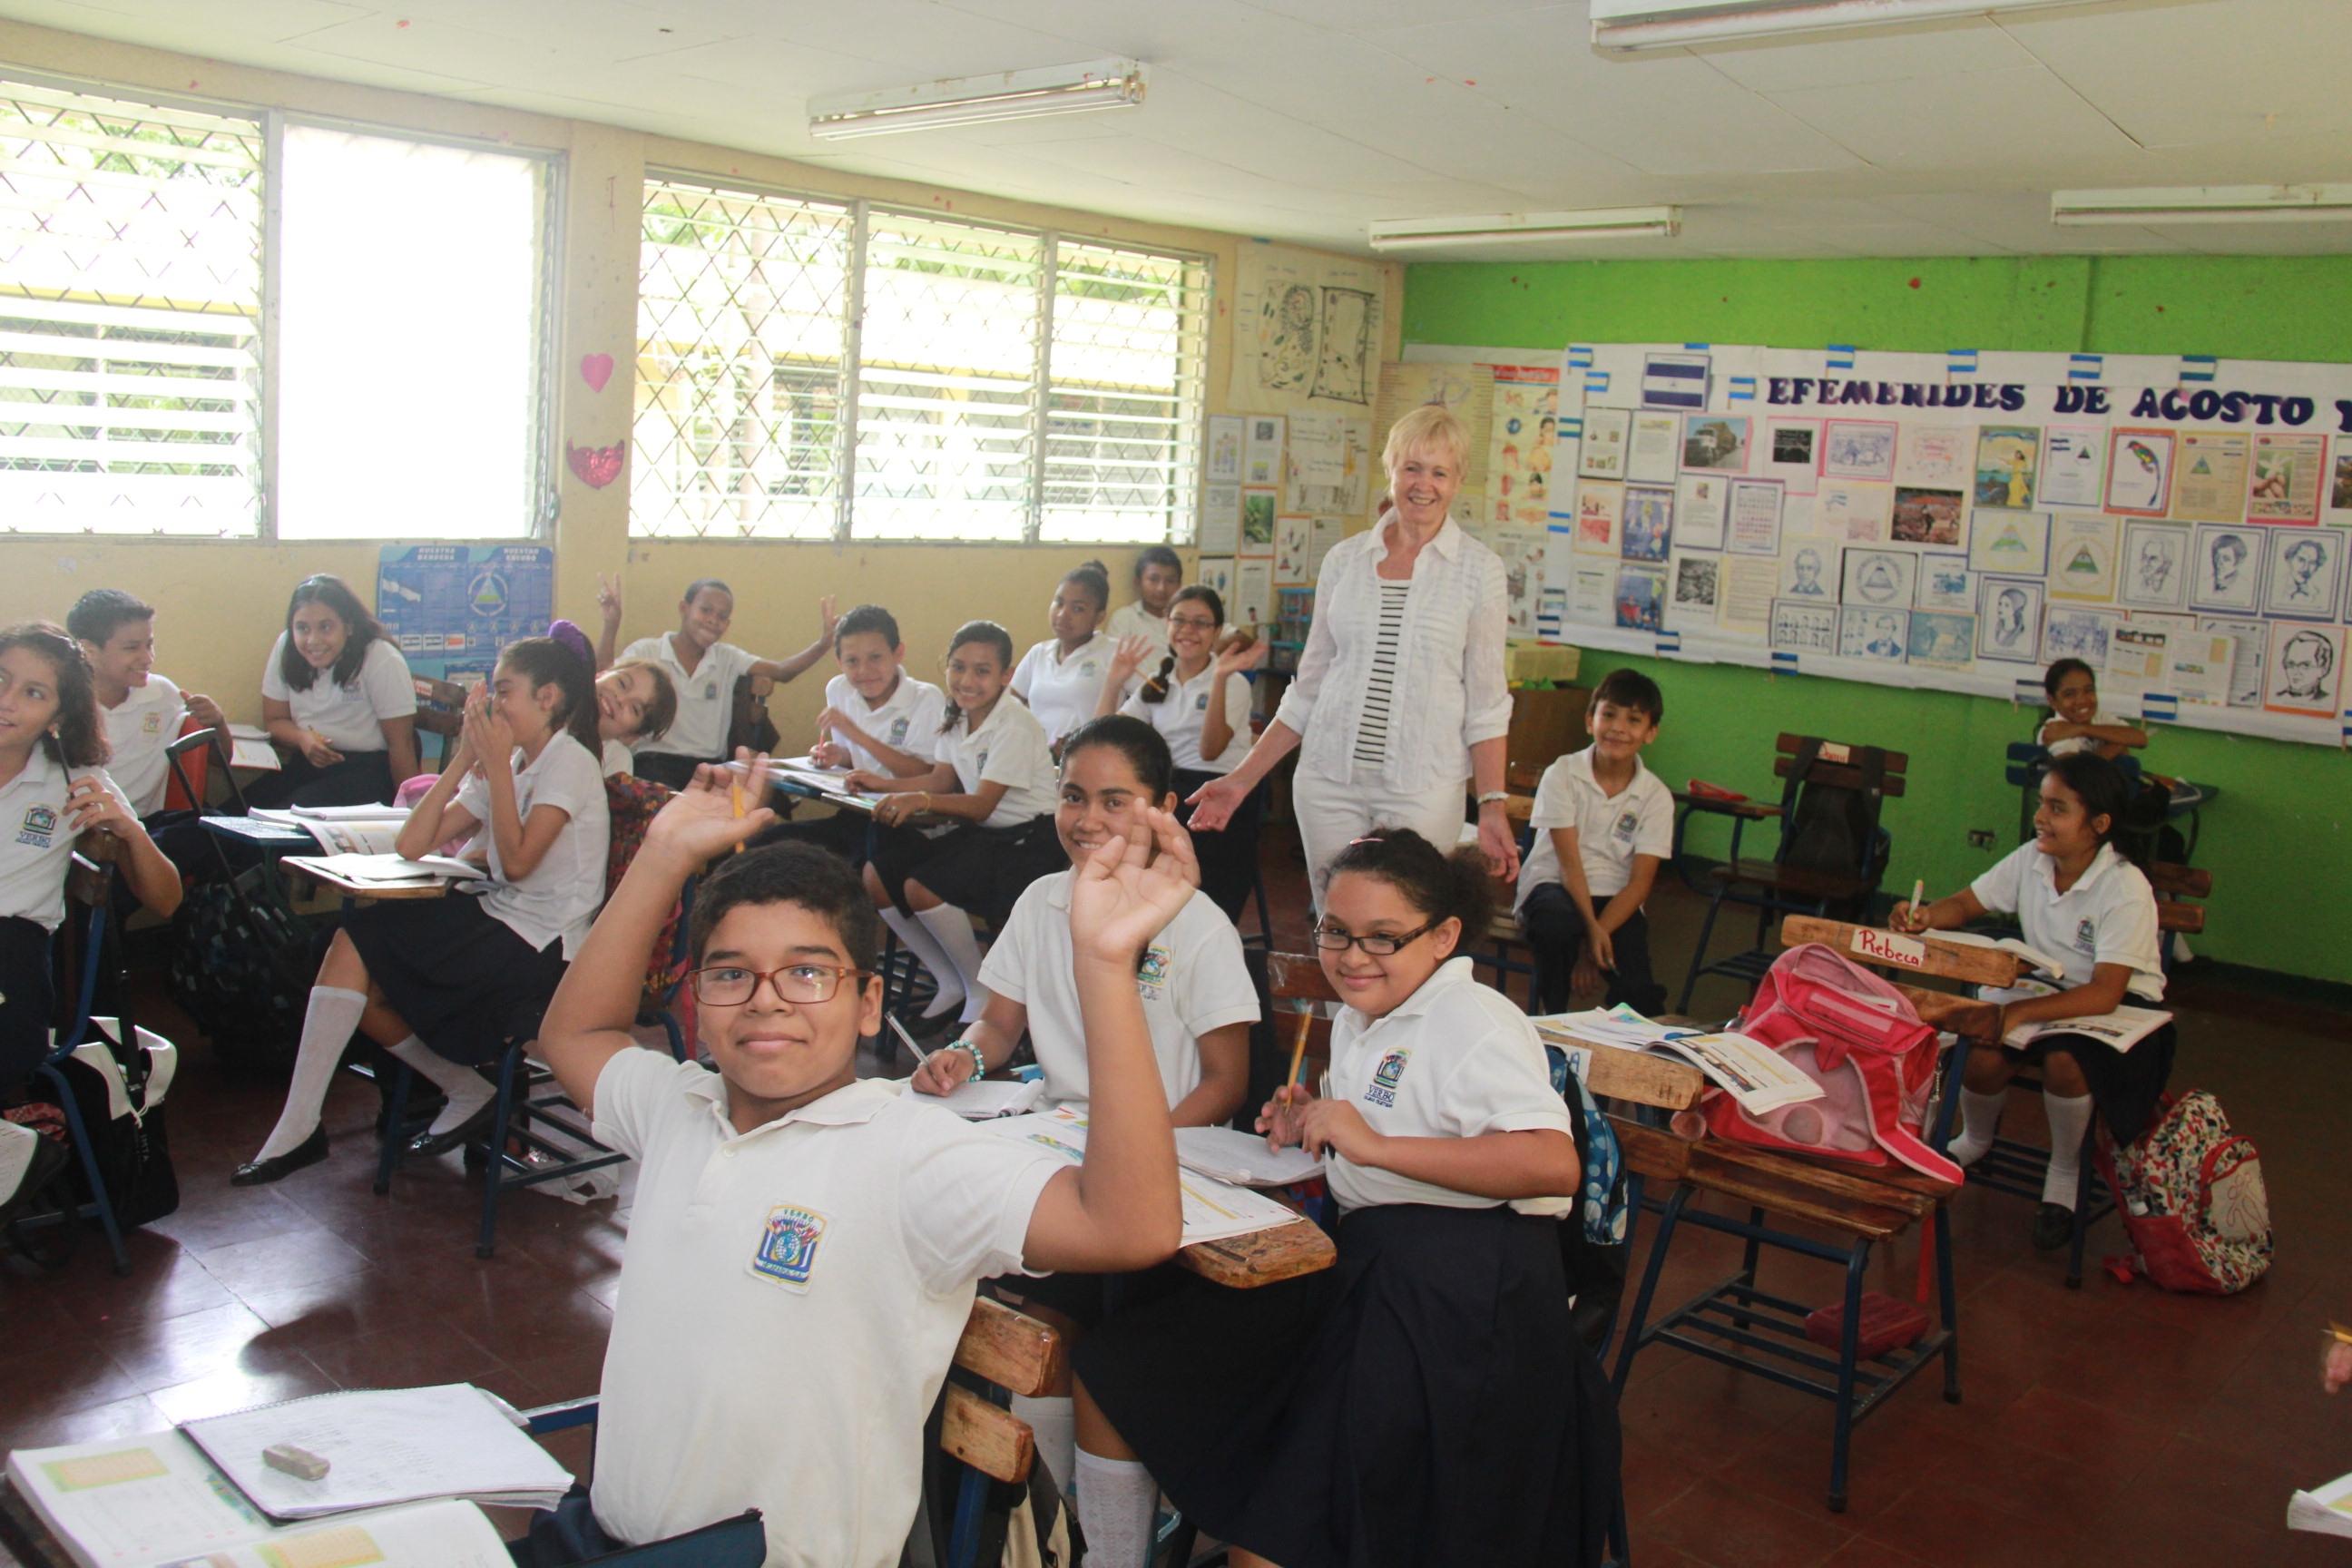 nicaragua_skoleklasse_med_glade_boern_og_tv.jpg